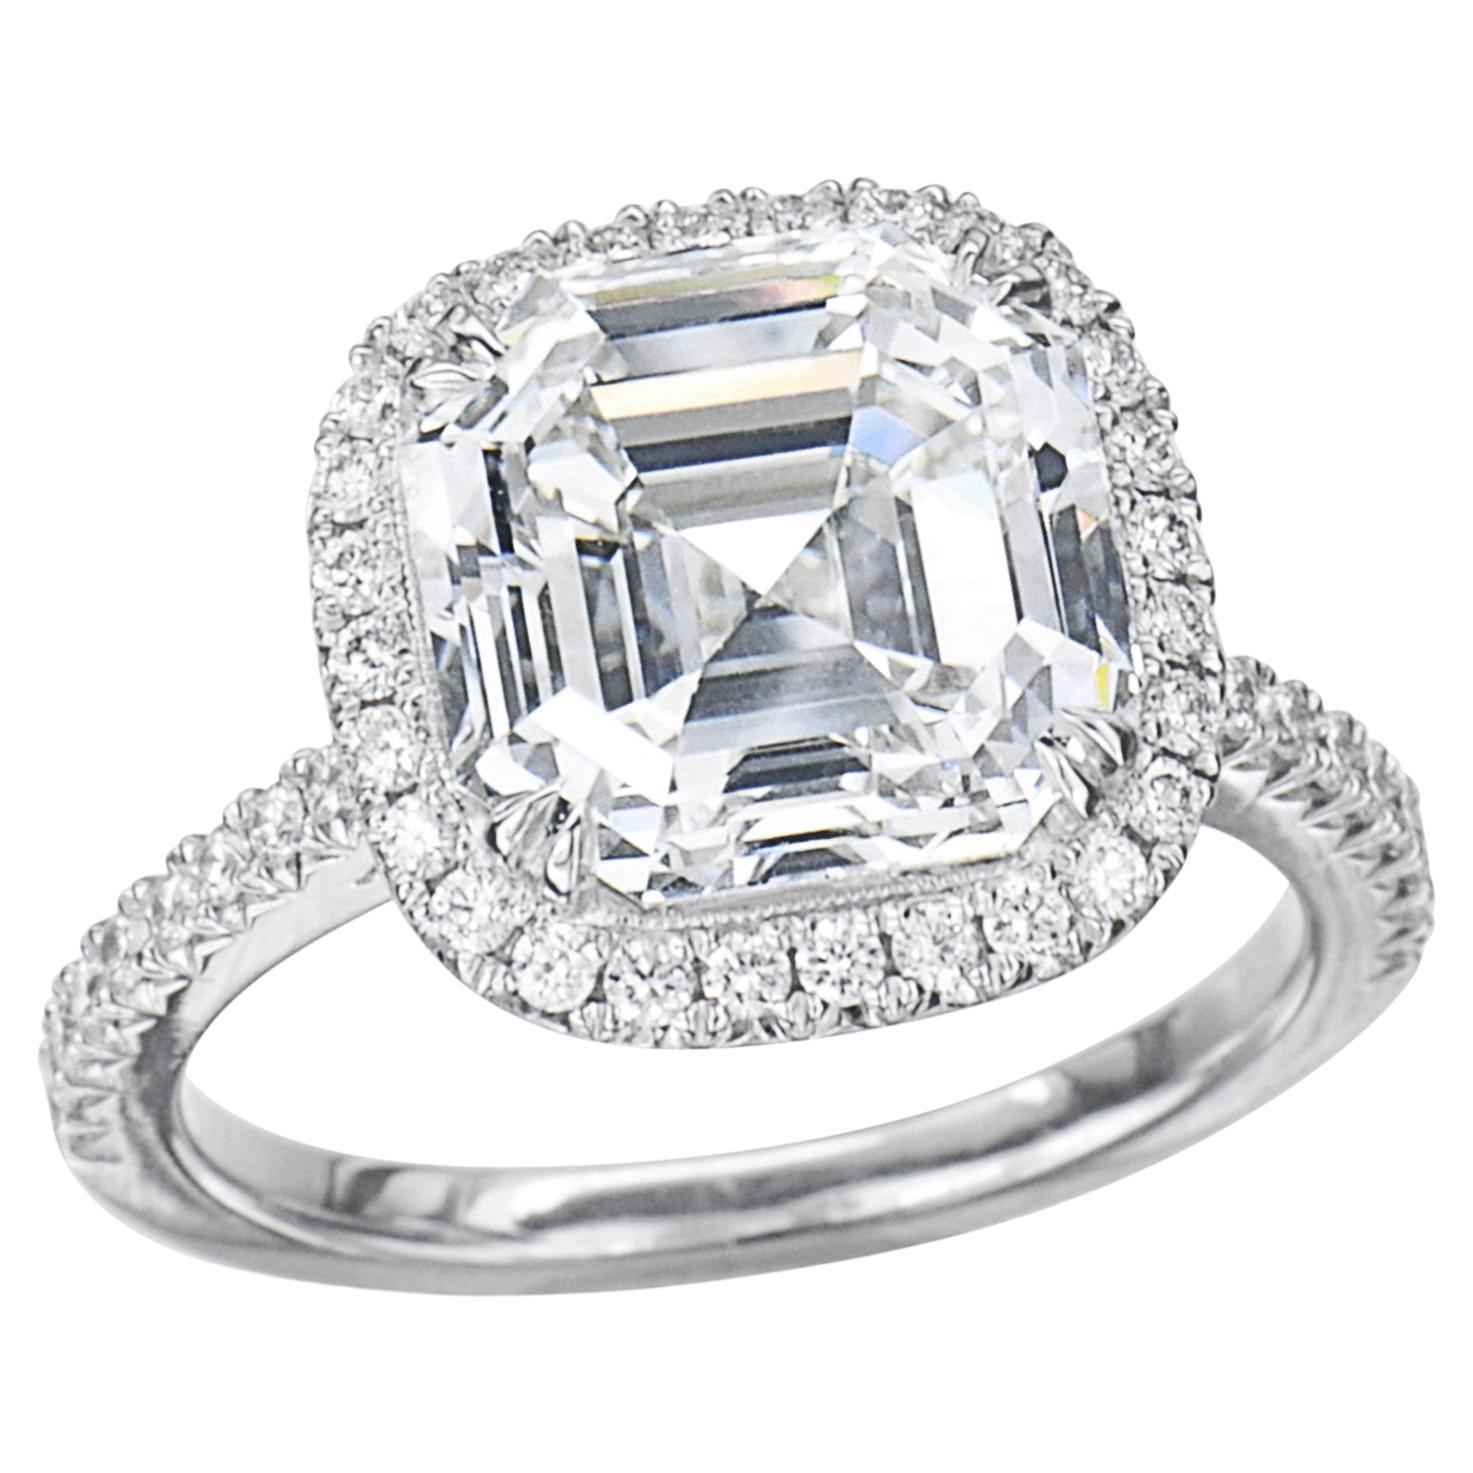 GIA Certified 2 Carat Asscher Cut Diamond Platinum Ring